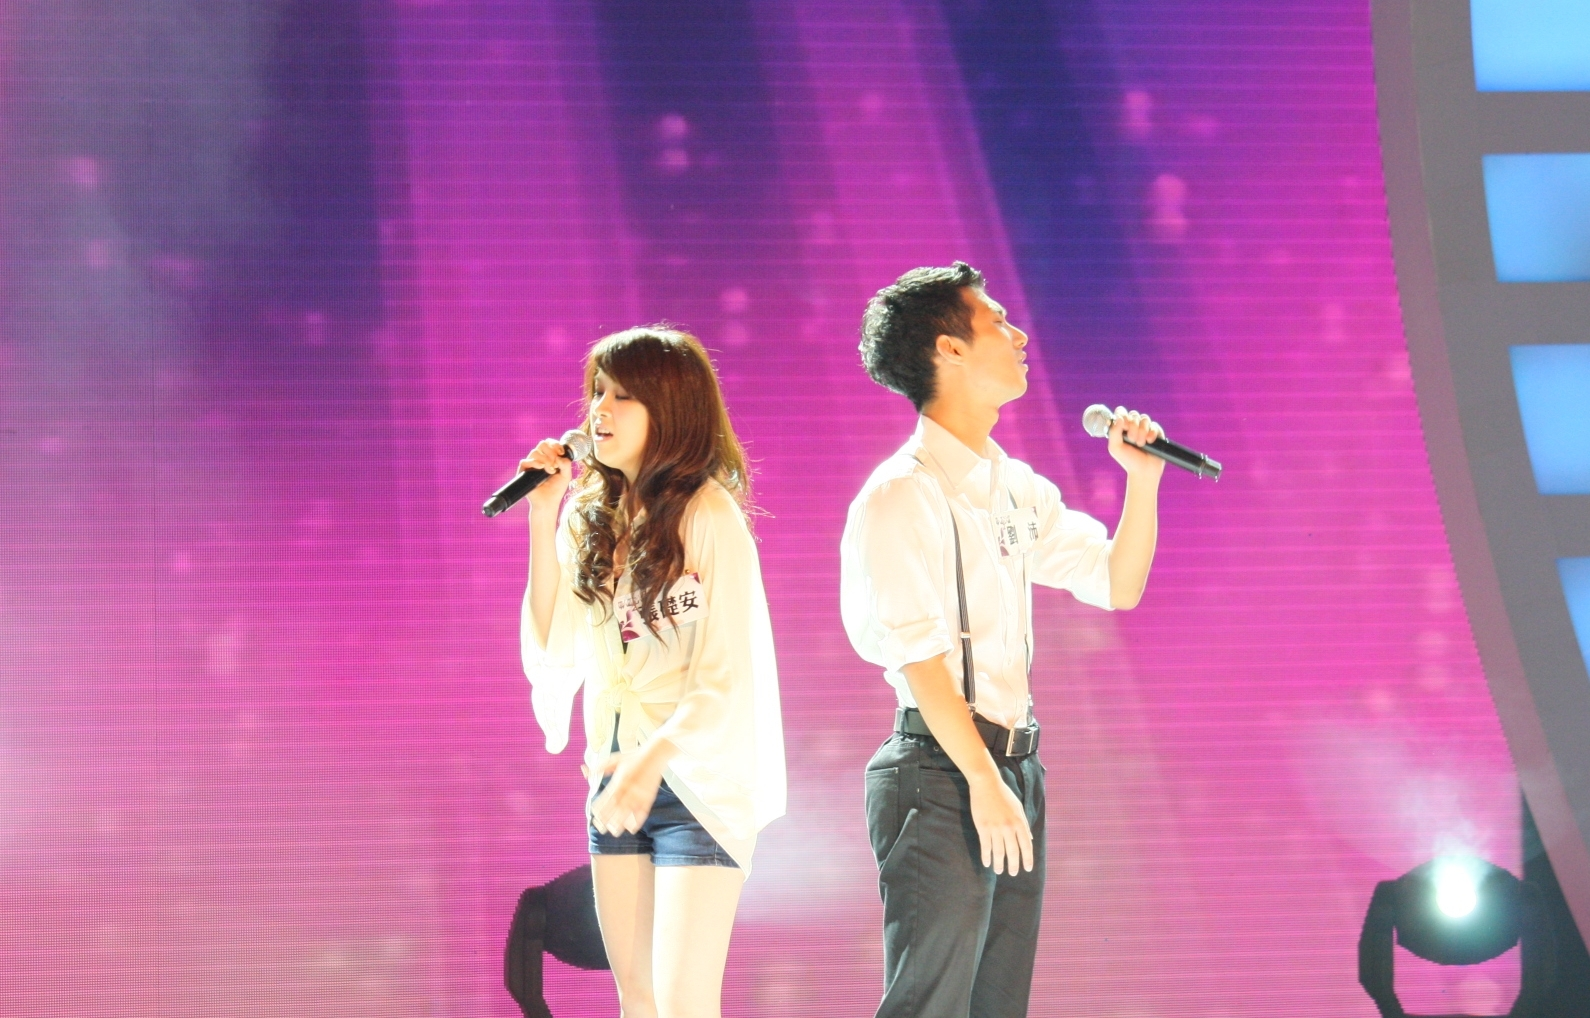 張礎安和劉沛的表現 讓主人時陶晶瑩讚嘆是總決賽的演出水準